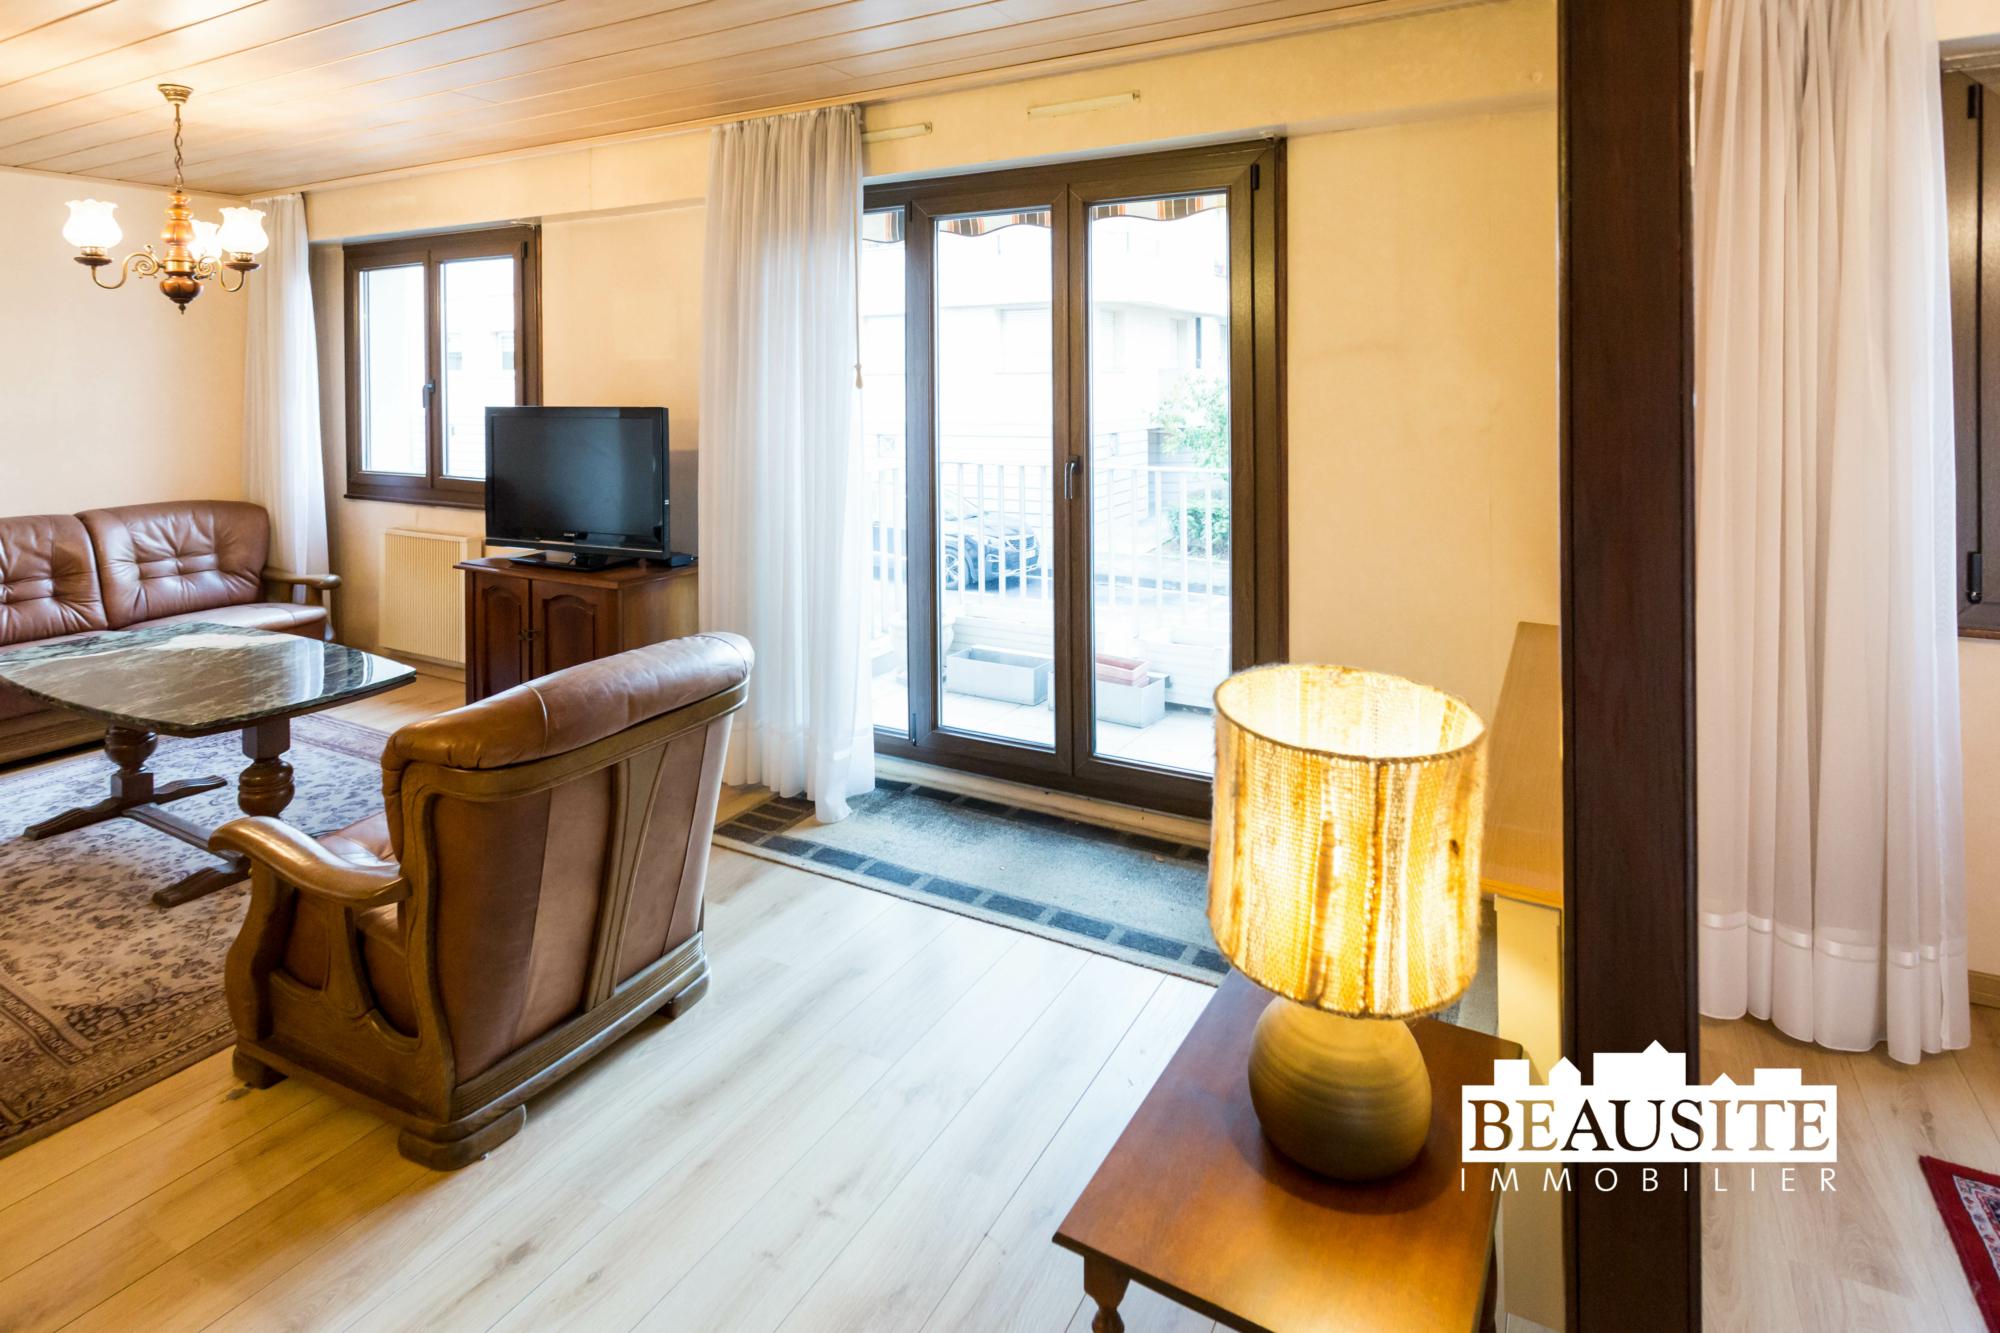 [Tonton] Un appartement familial avec balcon et garage - Neudorf / rue Saint-Amarin - nos ventes - Beausite Immobilier 9